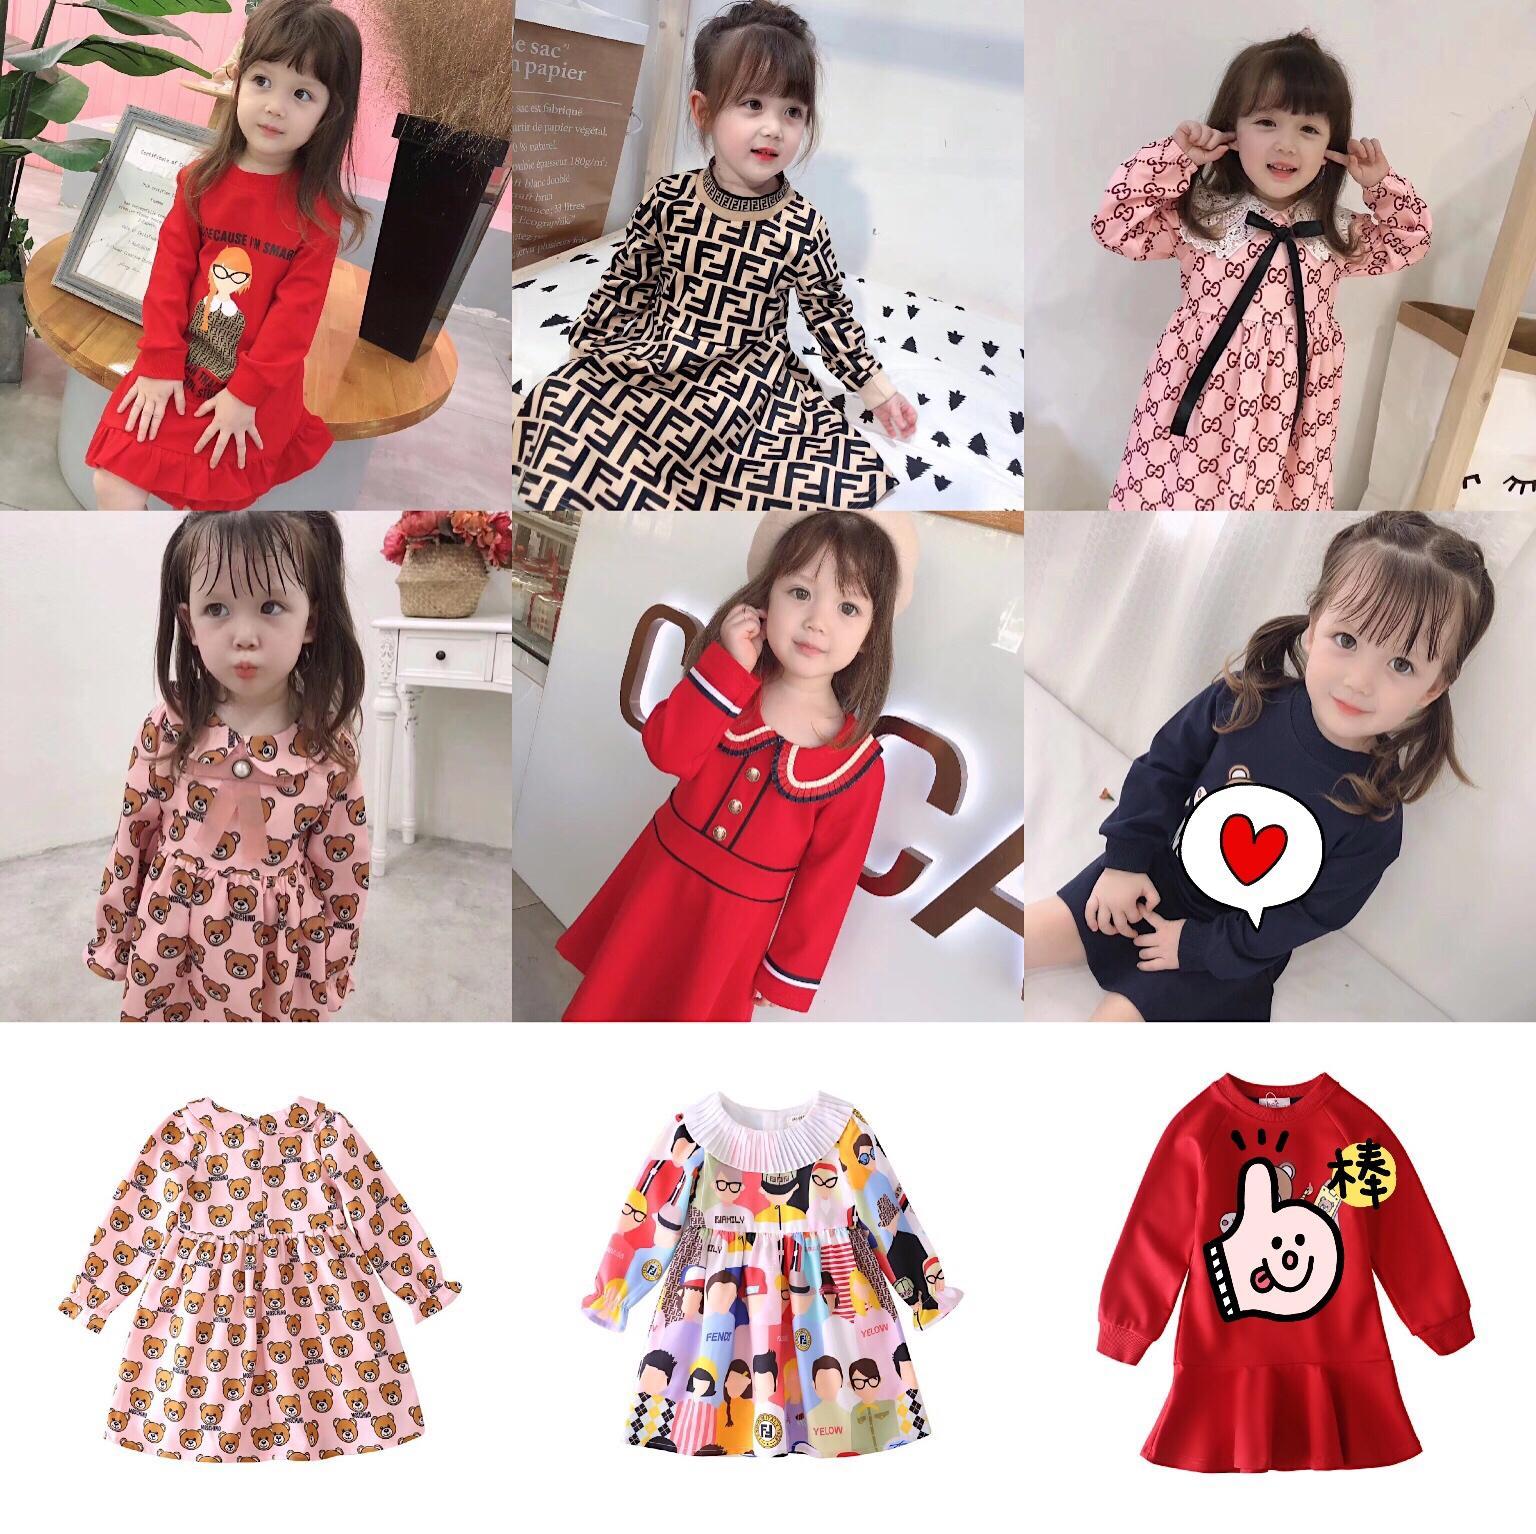 جودة فاخرة طفلة مصمم اللباس تنورة منقوشة على شكل قلب الملابس المطبوعة المضادة للفتاة باللباس الطفل